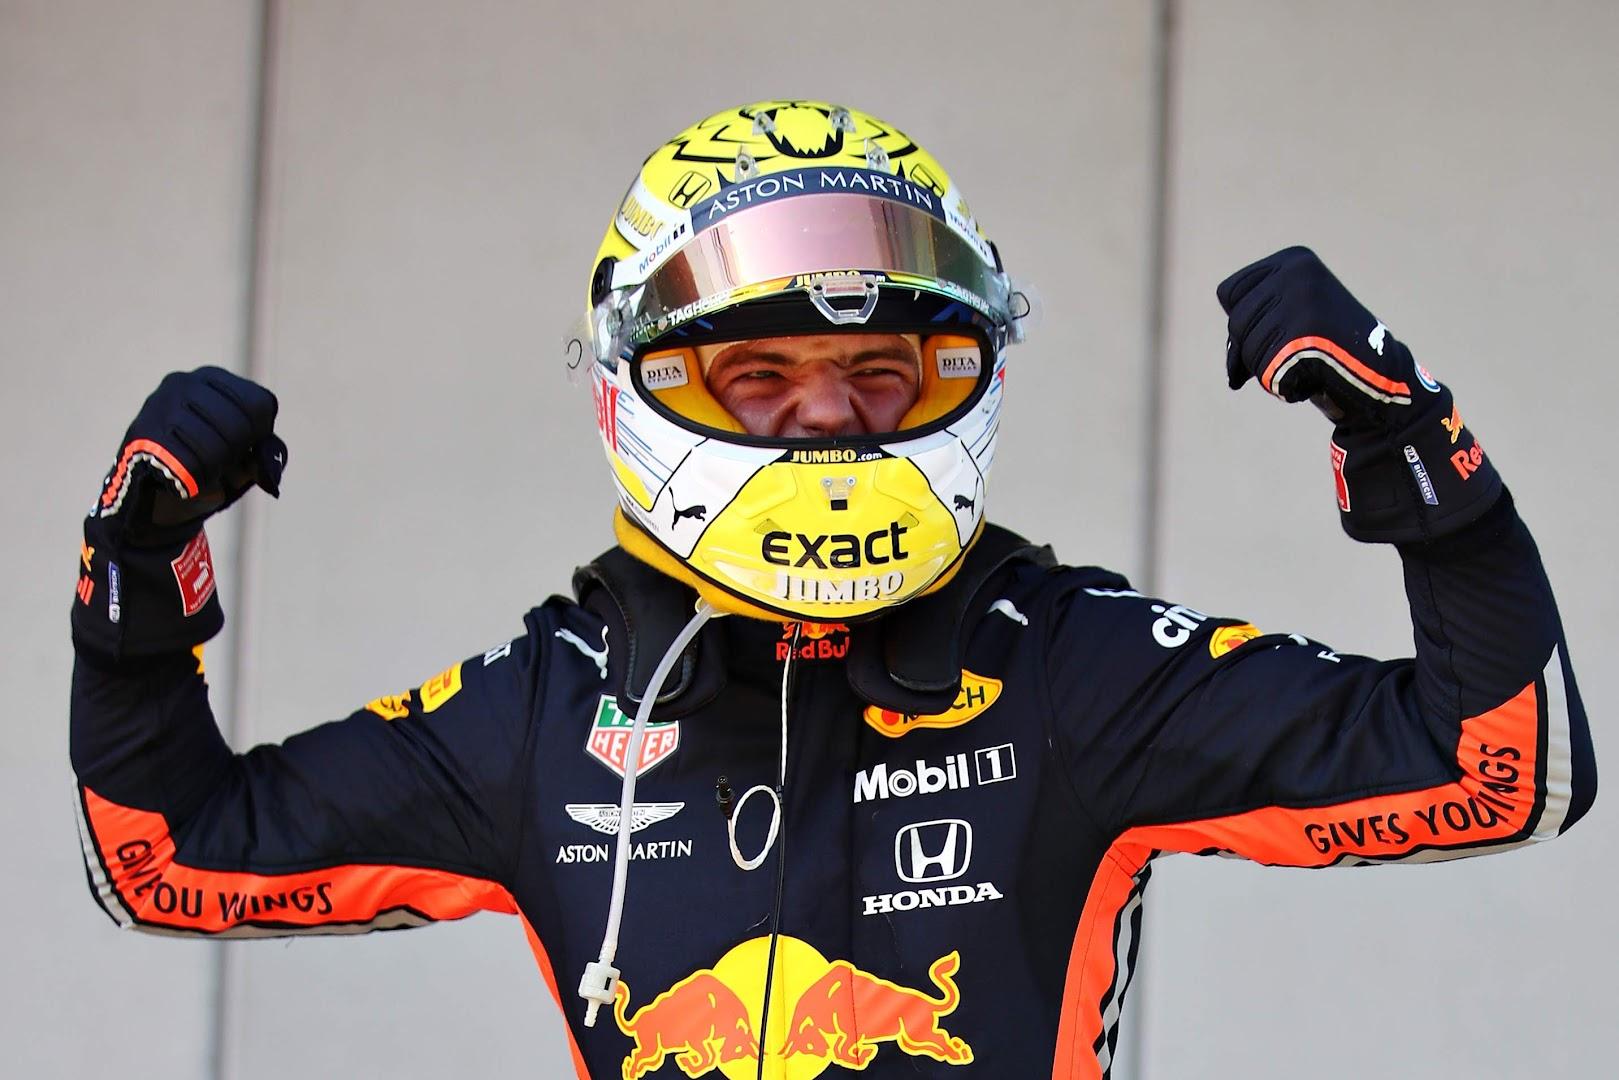 F1第9戦オーストリアGP、フェルスタッペン優勝でガッツポーズ